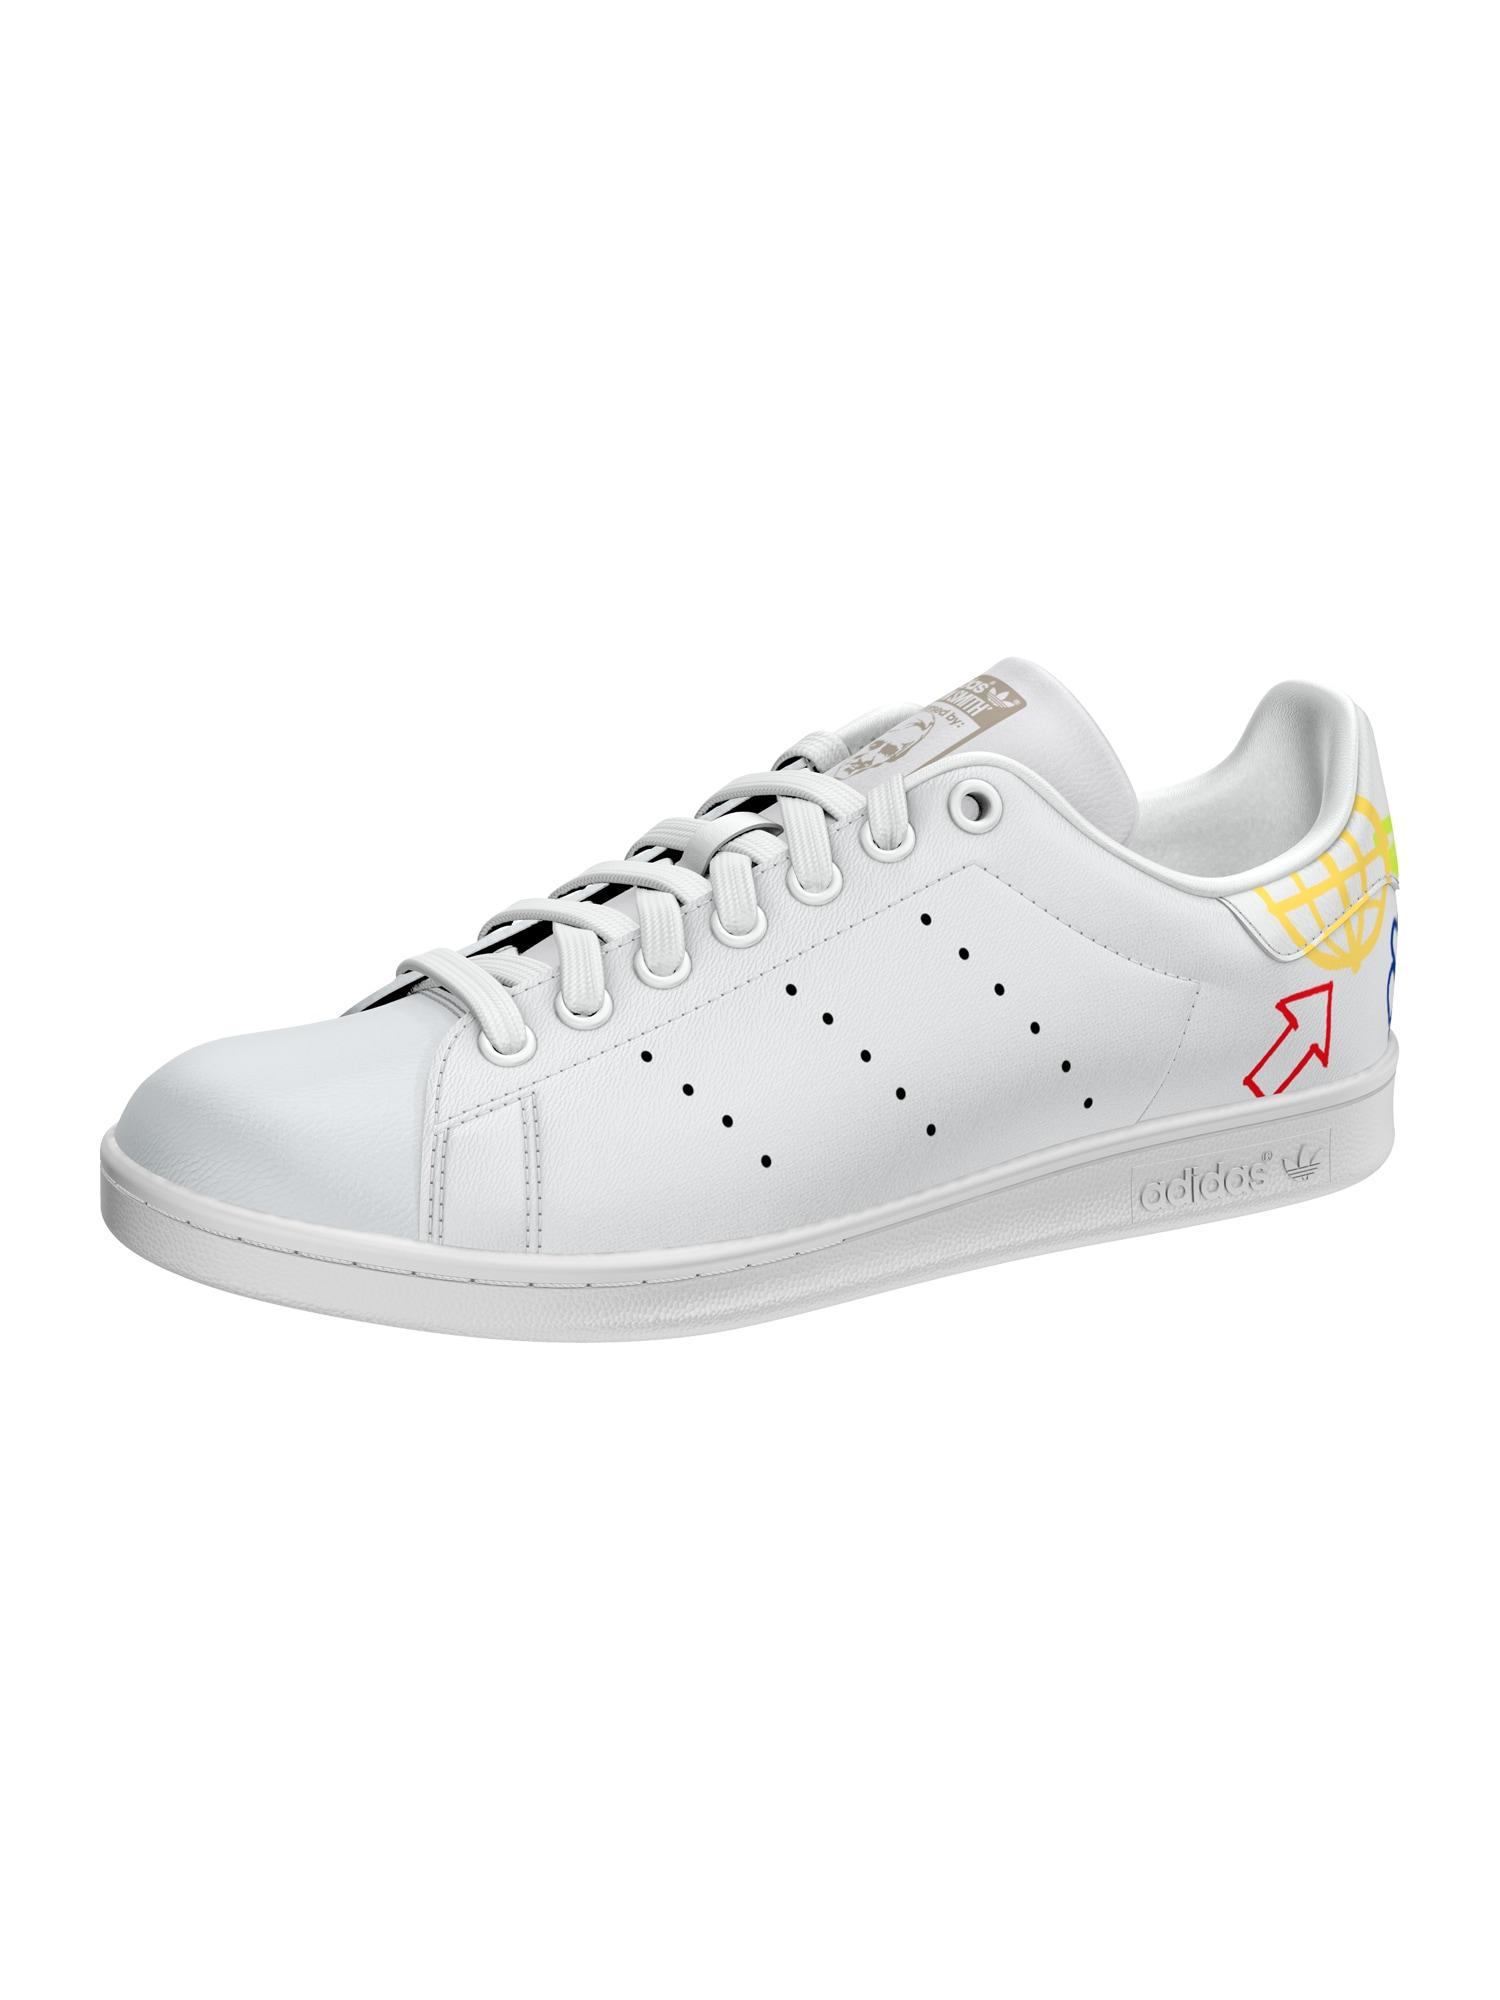 ADIDAS ORIGINALS Tenisky 'Stan Smith'  bílá / stříbrná / žlutá / modrá